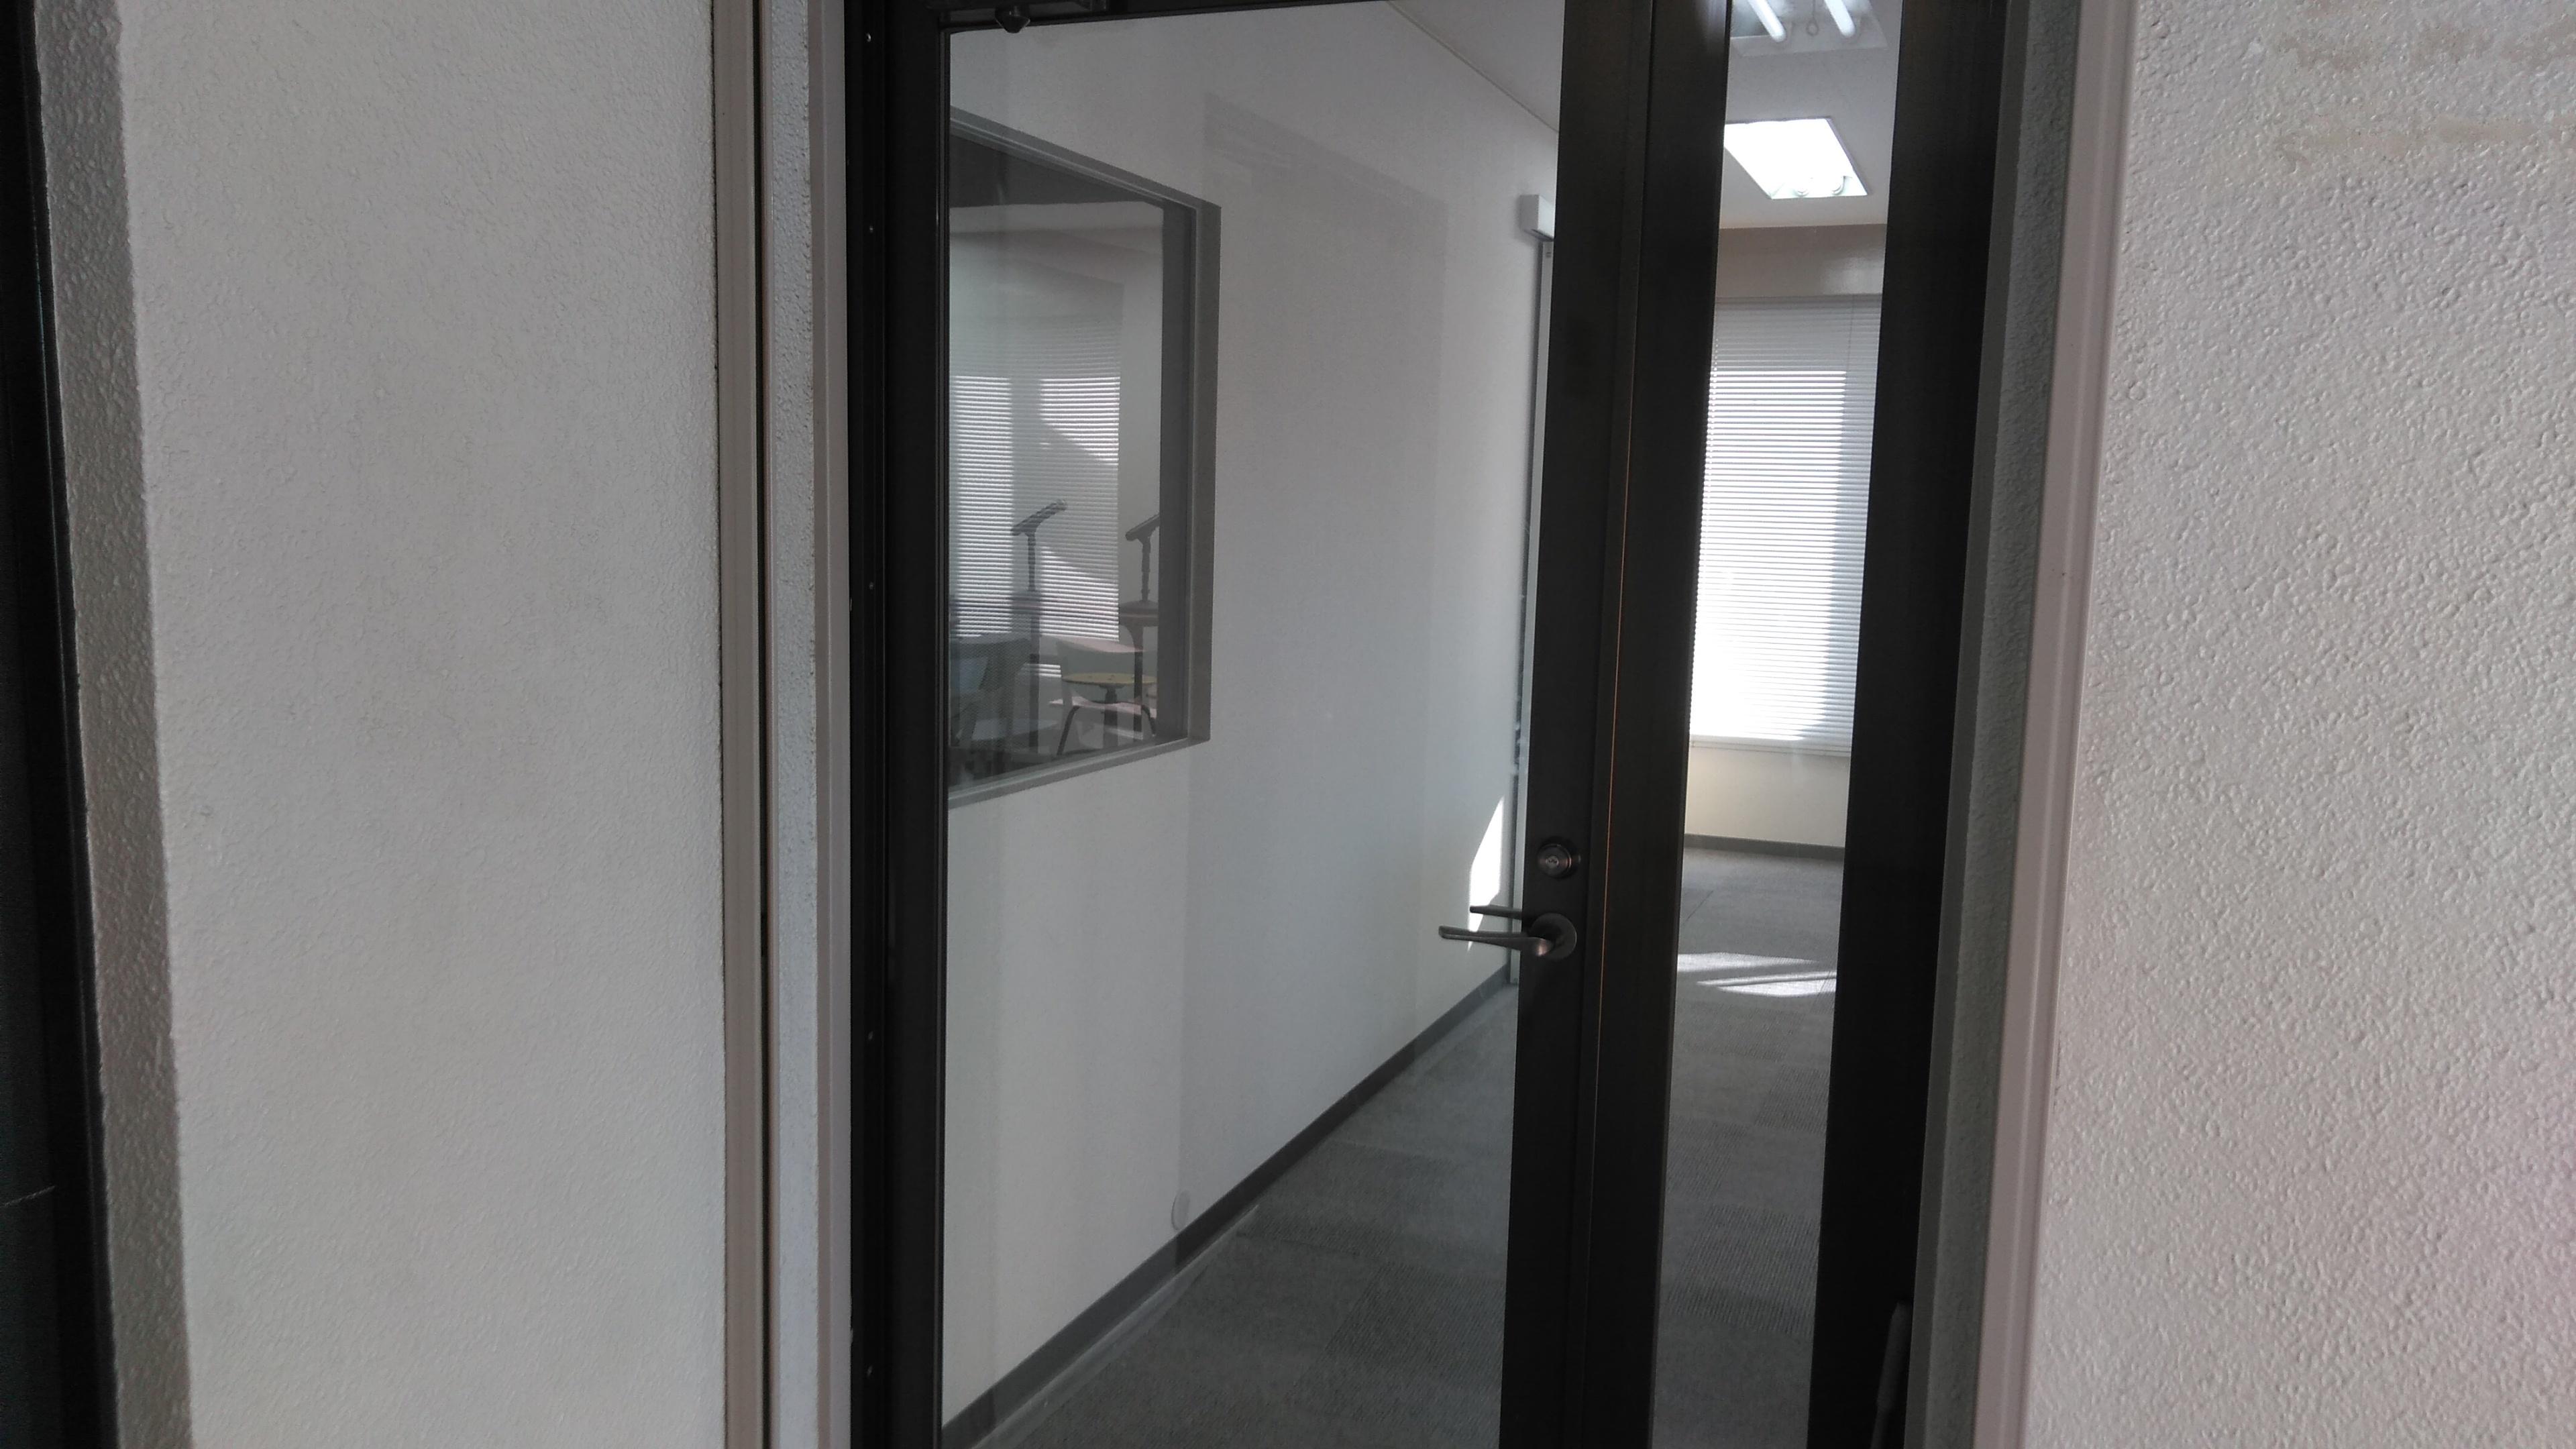 ホンマルラジオ大阪スタジオ 貸し会議室、レンタルスタジオの入口の写真